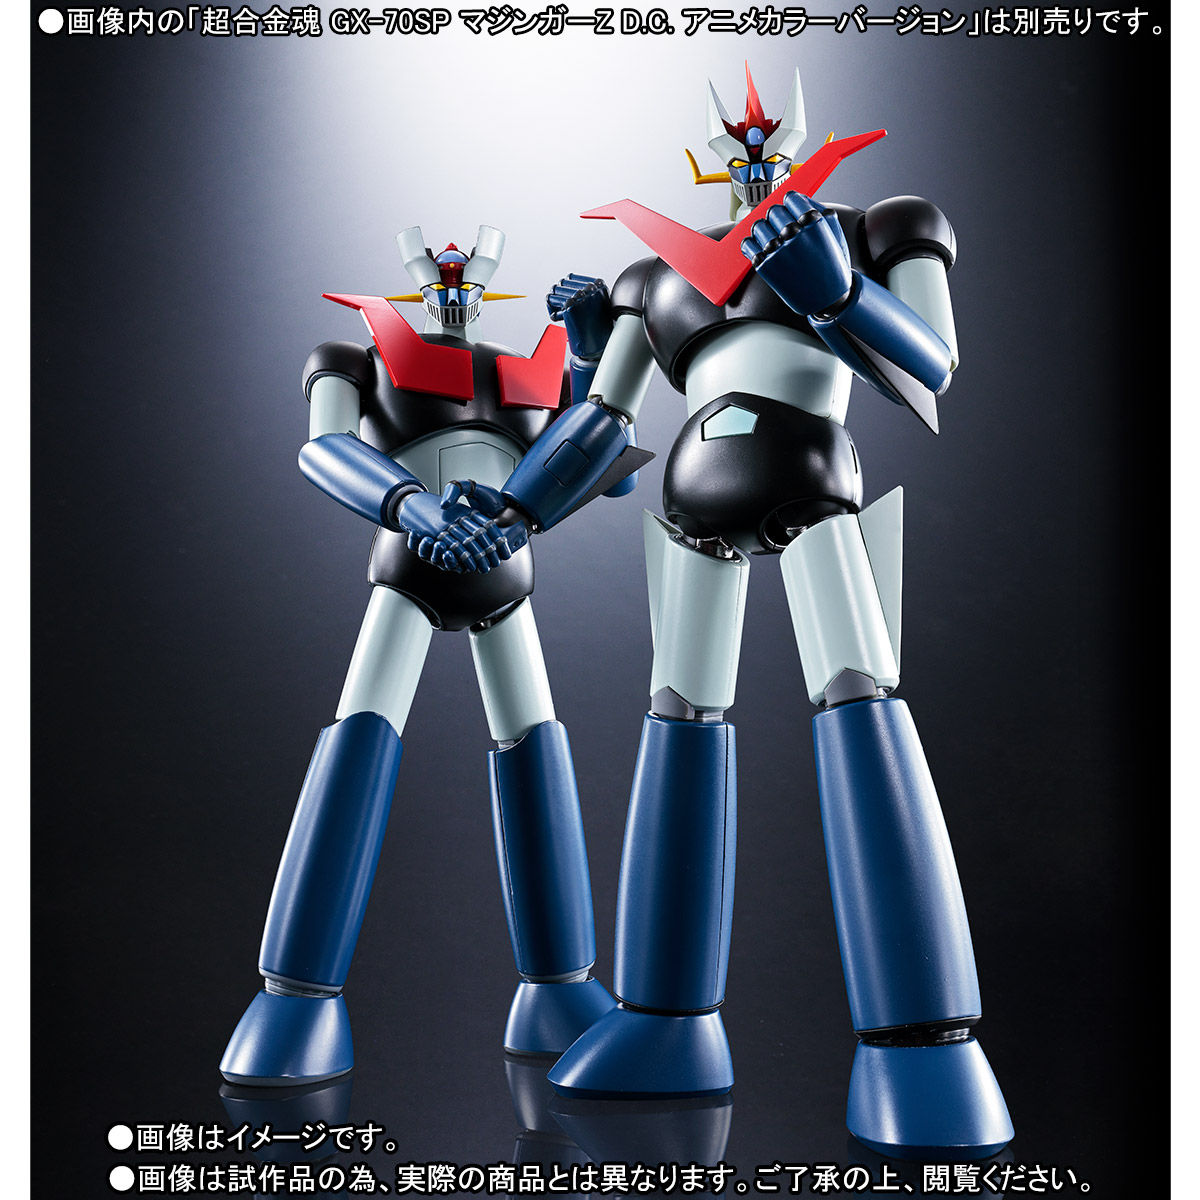 超合金魂 GX-73SP『グレートマジンガー D.C. アニメカラーバージョン』可動フィギュア-009